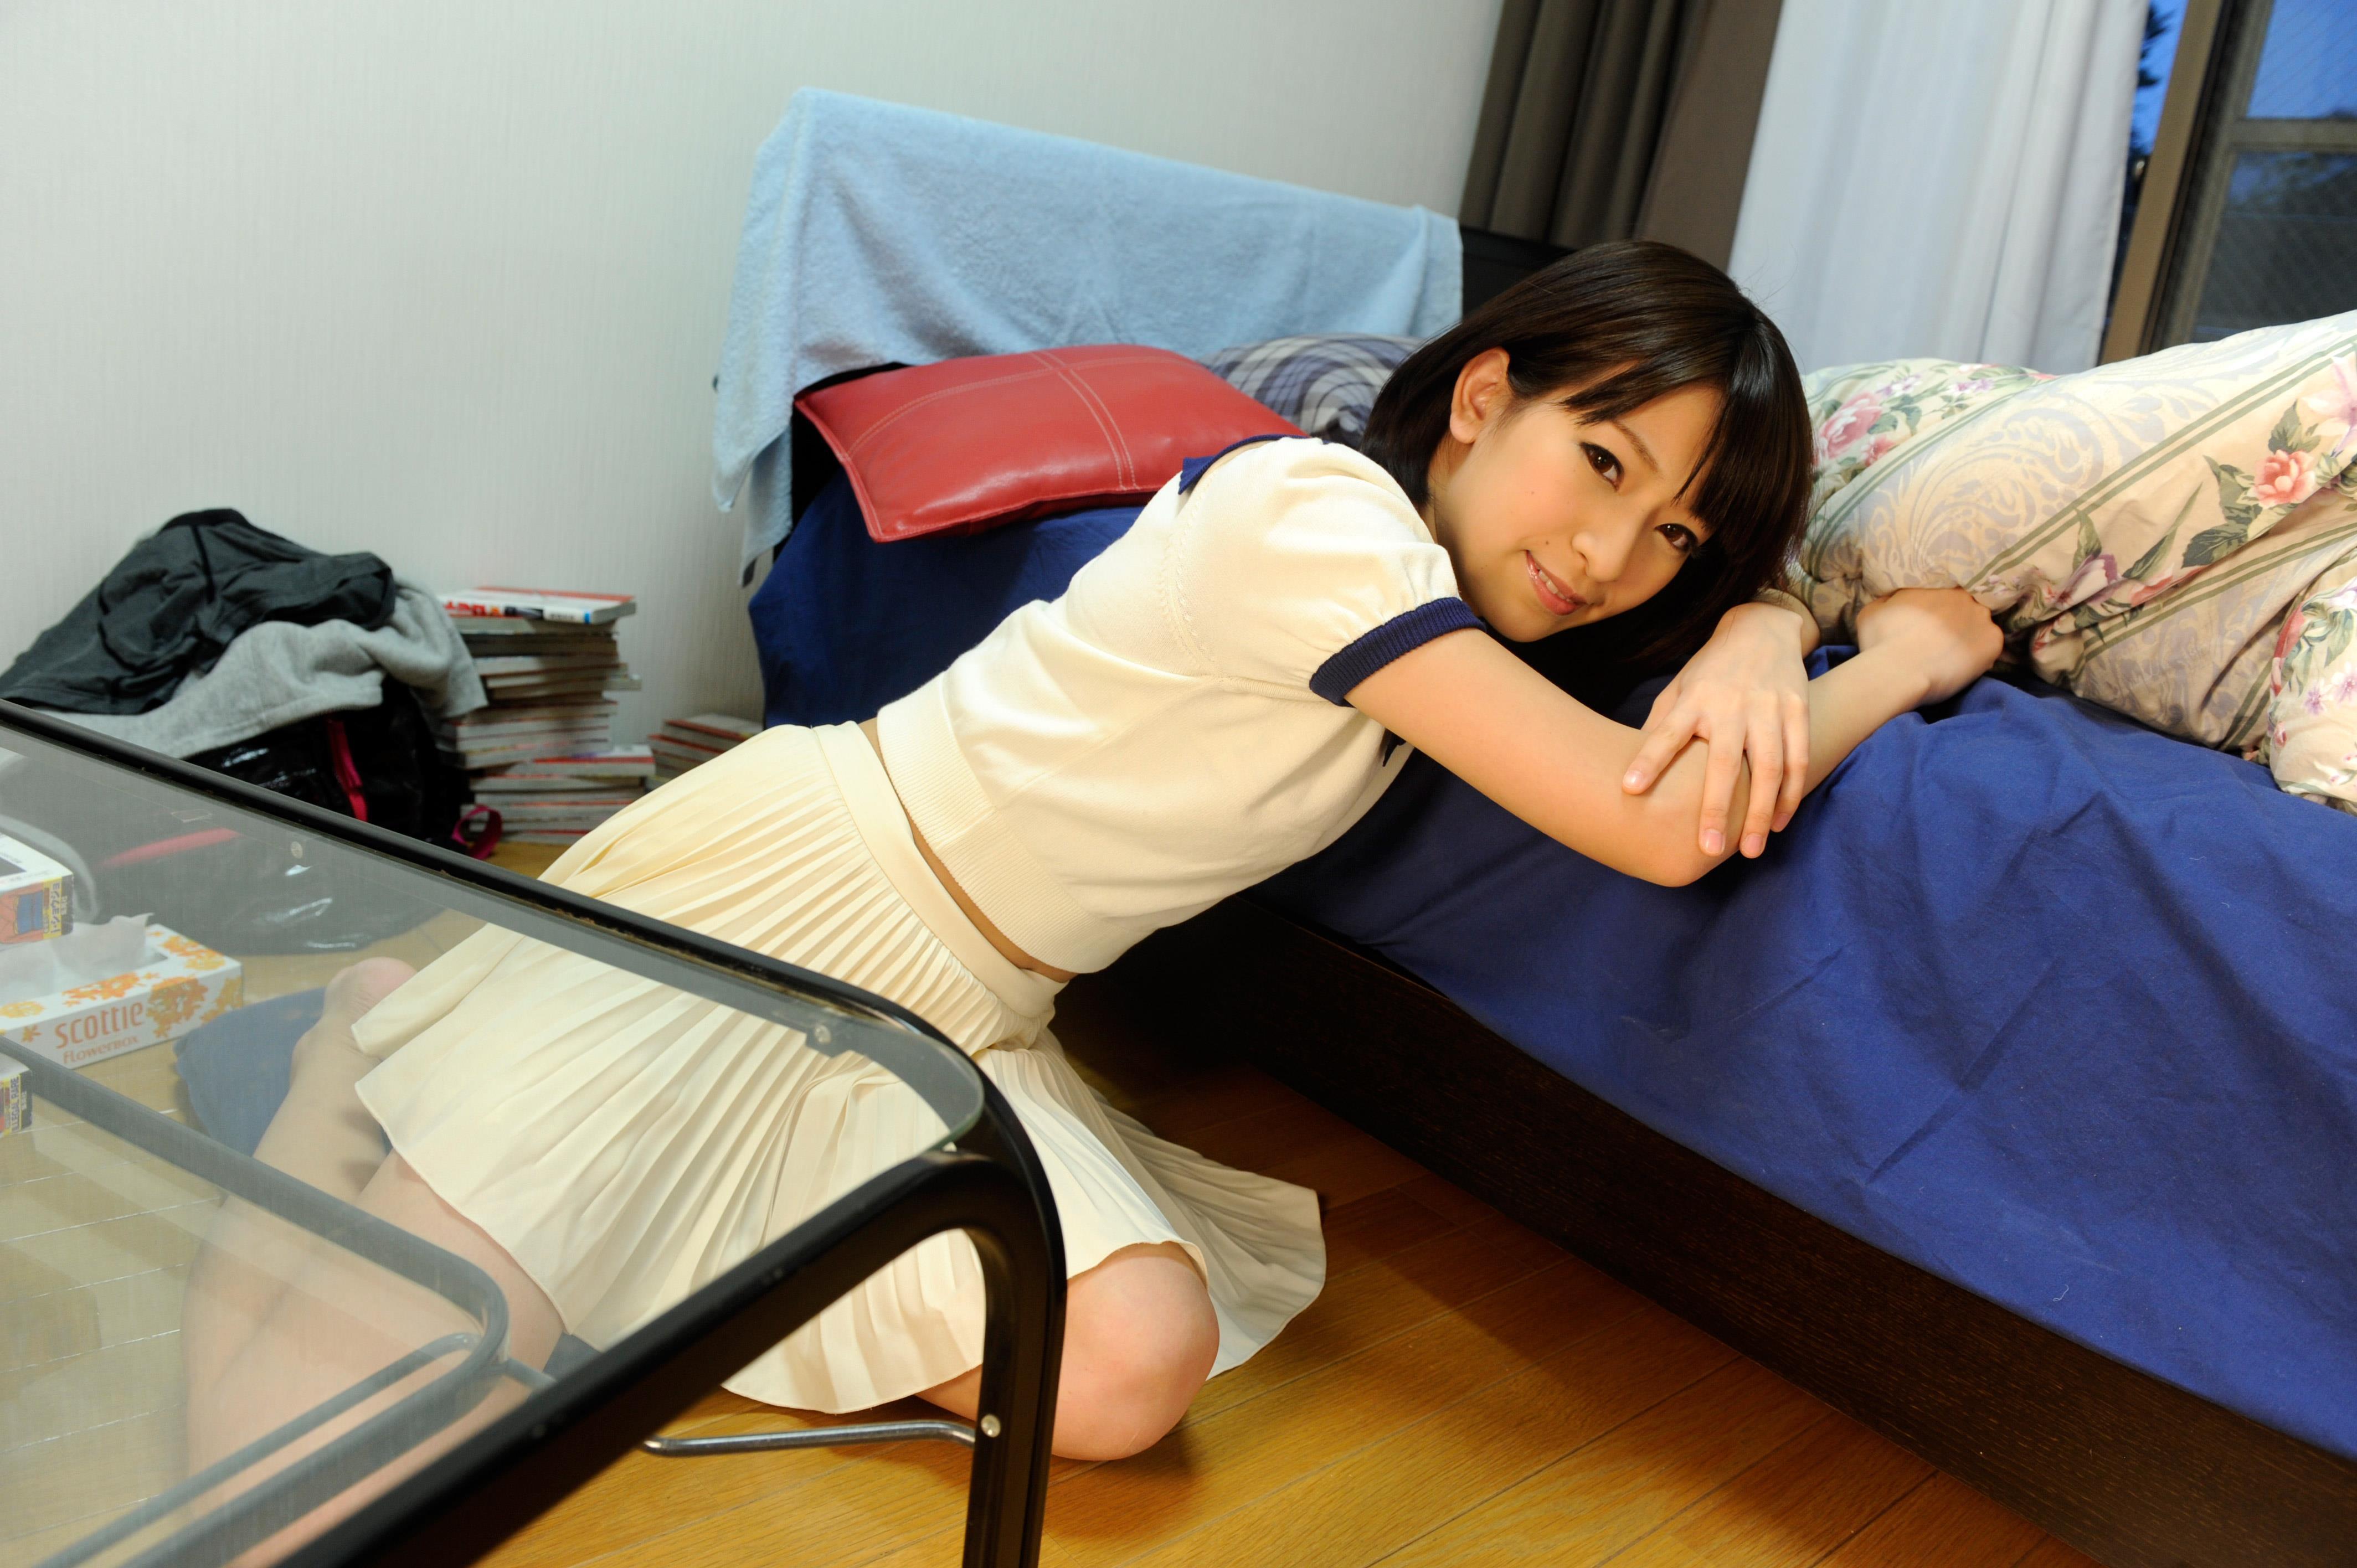 成宮ルリ セックス画像 79